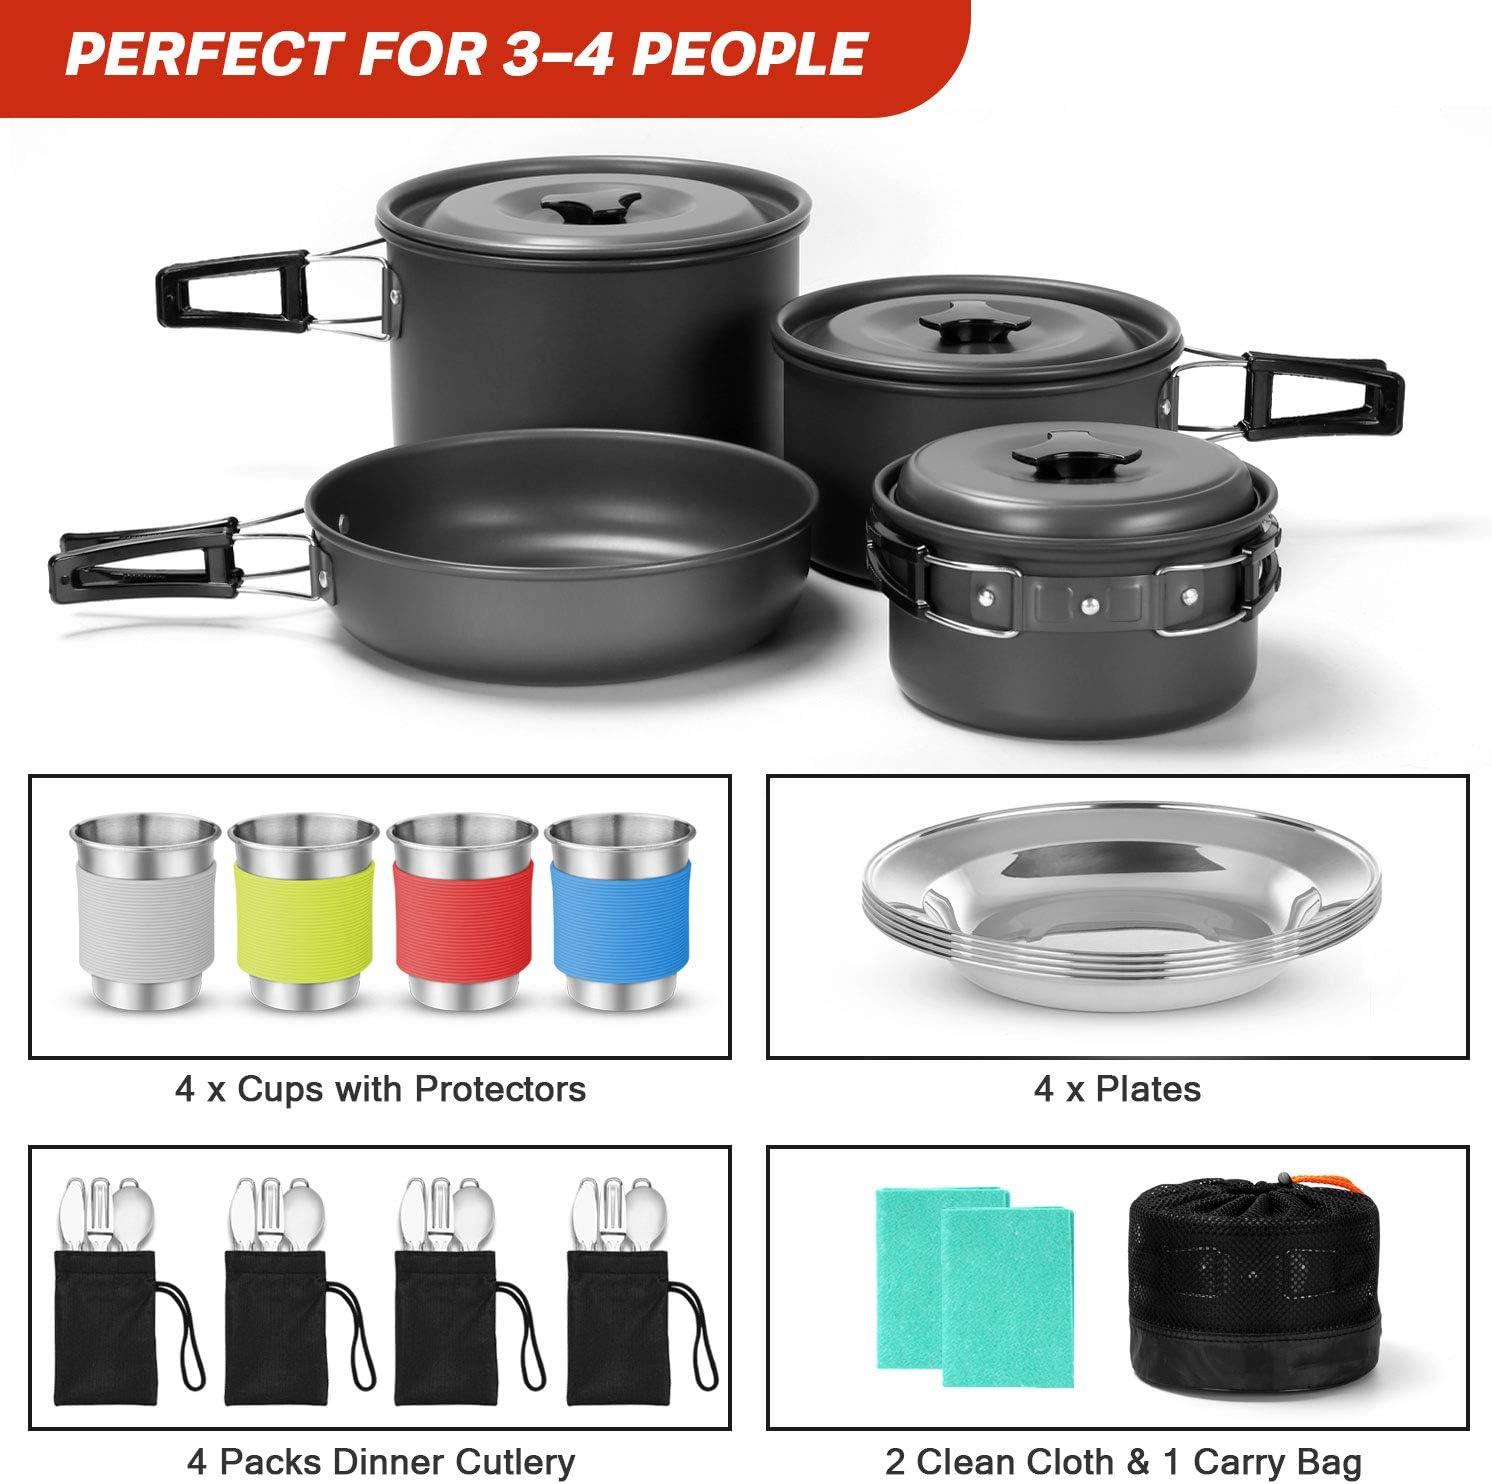 Odoland Camping Kit de Utensilios de Cocina de 27 Piezas para 4 Personas, Set de Ollas y Sartén Ligeras Antiadherentes con Tazas de Acero Inoxidable ...